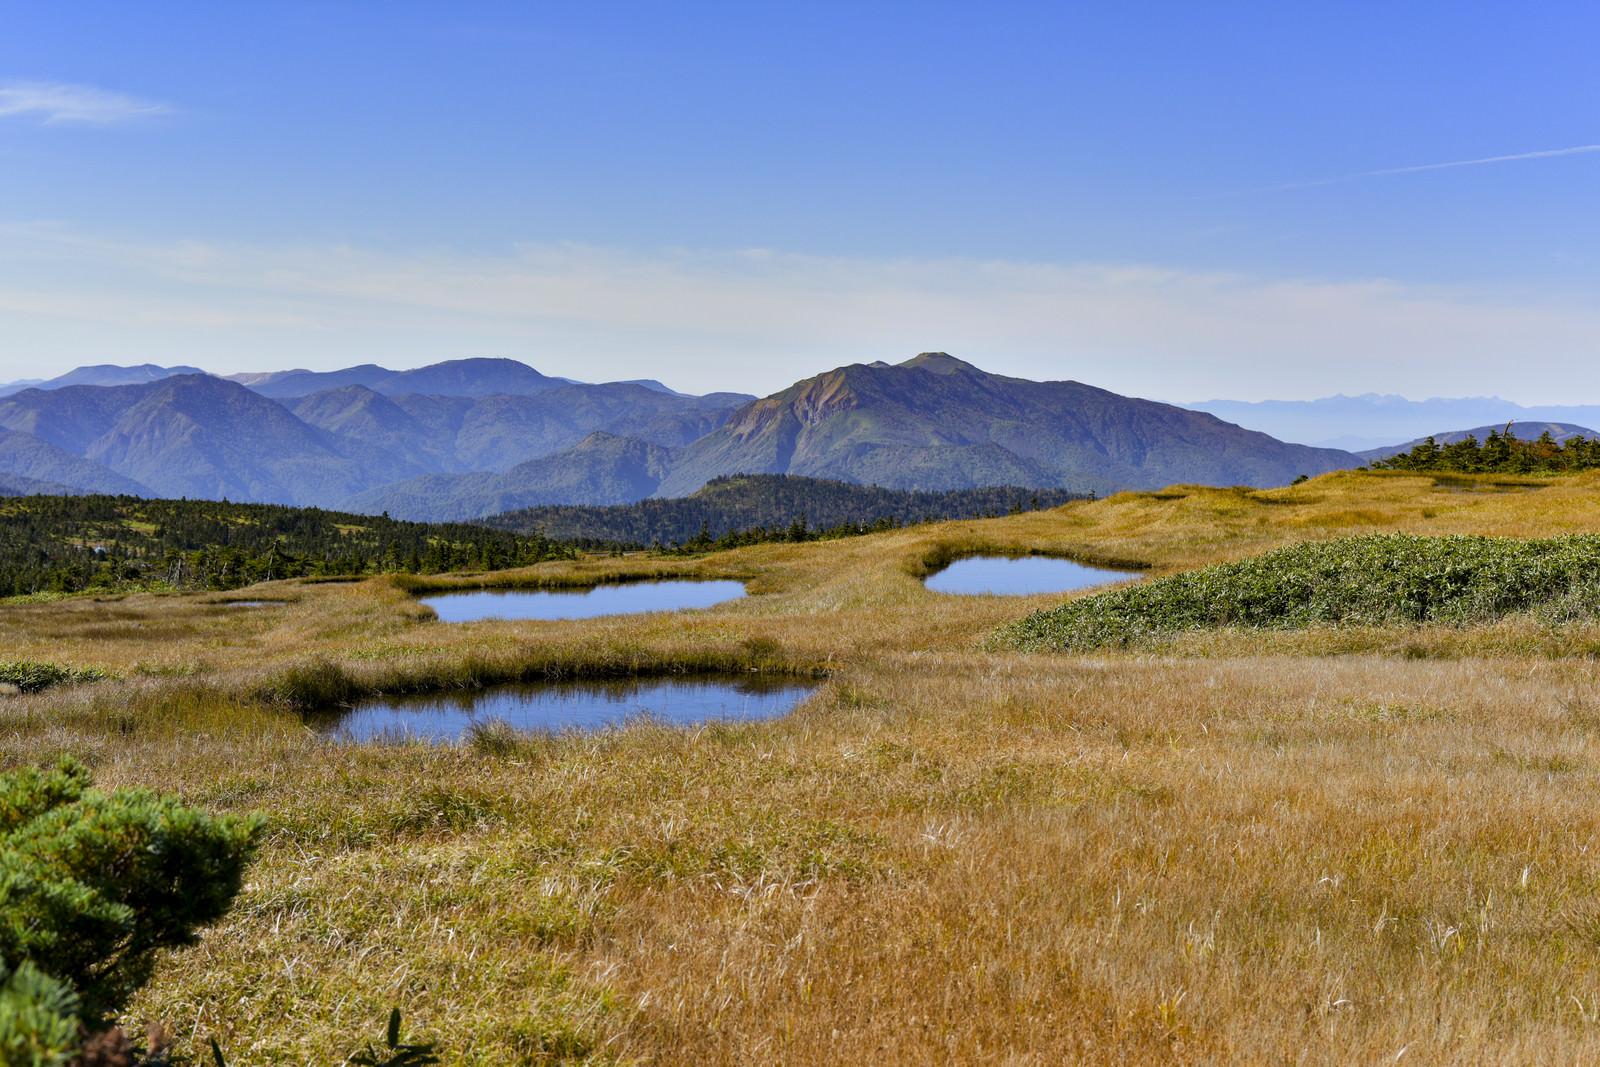 「顔のような池塘が目立つ苗場山(なえばさん)」の写真